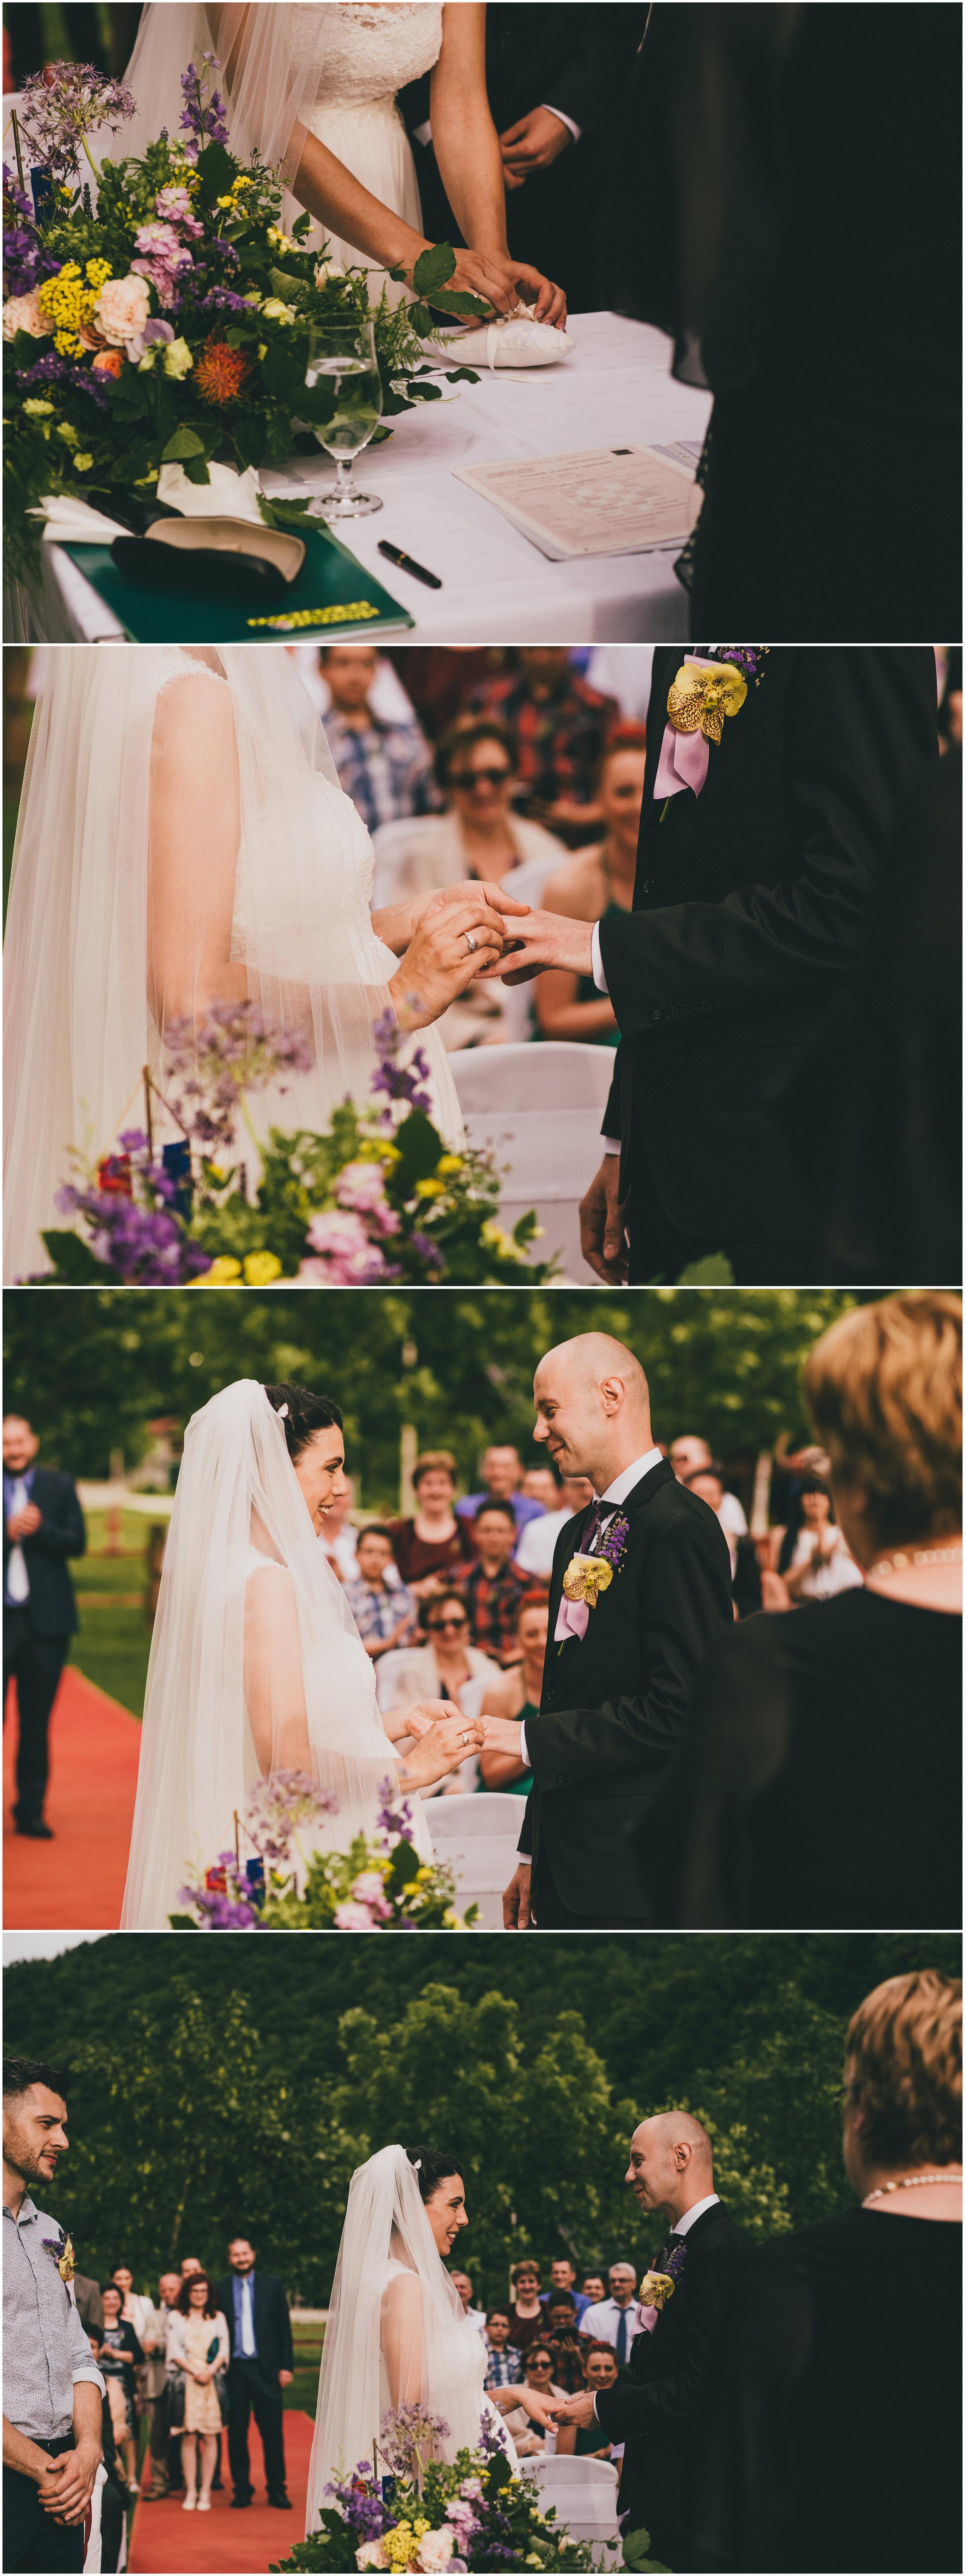 Razmjena prstenja na vjenčanju na otvorenom